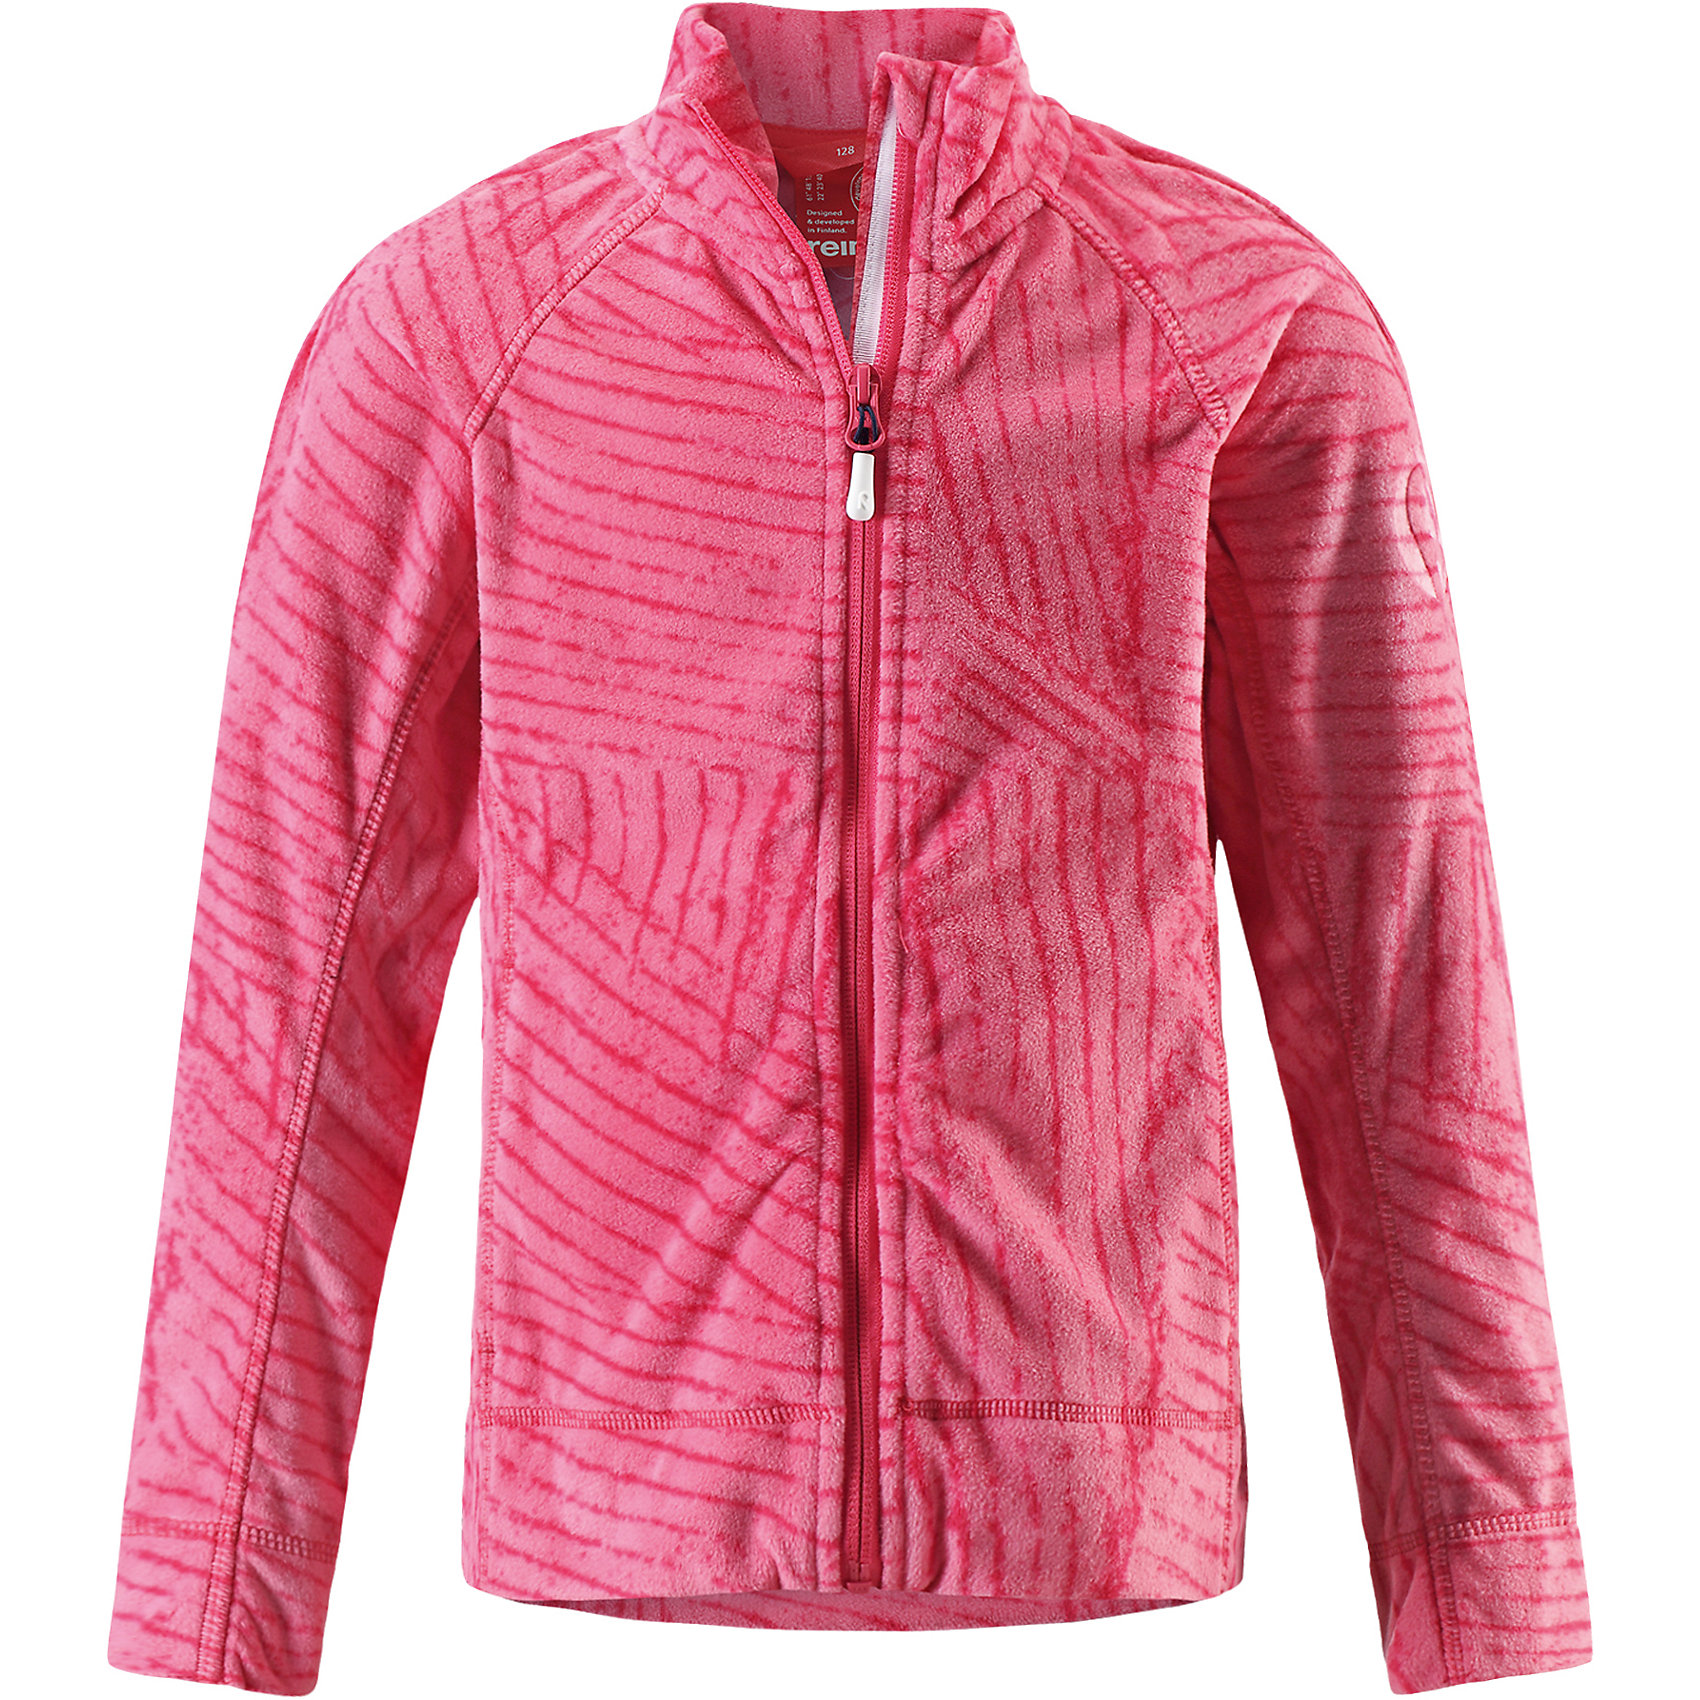 Куртка Piiru флисовая для девочки ReimaОдежда<br>Характеристики товара:<br><br>• цвет: розовый<br>• состав: 100% полиэстер<br>• теплый, легкий и быстросохнущий микрофлис<br>• молния во всю длину со вставкой для защиты подбородка<br>• приятная на ощупь ткань<br>• два боковых кармана<br>• комфортная посадка<br>• с отделкой горячим тиснением<br>• страна производства: Китай<br>• страна бренда: Финляндия<br>• коллекция: весна-лето 2017<br><br>Одежда для детей может быть модной и комфортной одновременно! Удобная курточка поможет обеспечить ребенку комфорт и тепло. Изделие сшито из микрофлиса - мягкого и теплого материала, приятного на ощупь. Модель стильно смотрится, отлично сочетается с различным низом. Стильный дизайн разрабатывался специально для детей.<br><br>Одежда и обувь от финского бренда Reima пользуется популярностью во многих странах. Эти изделия стильные, качественные и удобные. Для производства продукции используются только безопасные, проверенные материалы и фурнитура. Порадуйте ребенка модными и красивыми вещами от Reima! <br><br>Куртку флисовую для девочки от финского бренда Reima (Рейма) можно купить в нашем интернет-магазине.<br><br>Ширина мм: 356<br>Глубина мм: 10<br>Высота мм: 245<br>Вес г: 519<br>Цвет: розовый<br>Возраст от месяцев: 108<br>Возраст до месяцев: 120<br>Пол: Женский<br>Возраст: Детский<br>Размер: 140,104,116,146,152,158,110,122,128,134<br>SKU: 5267451